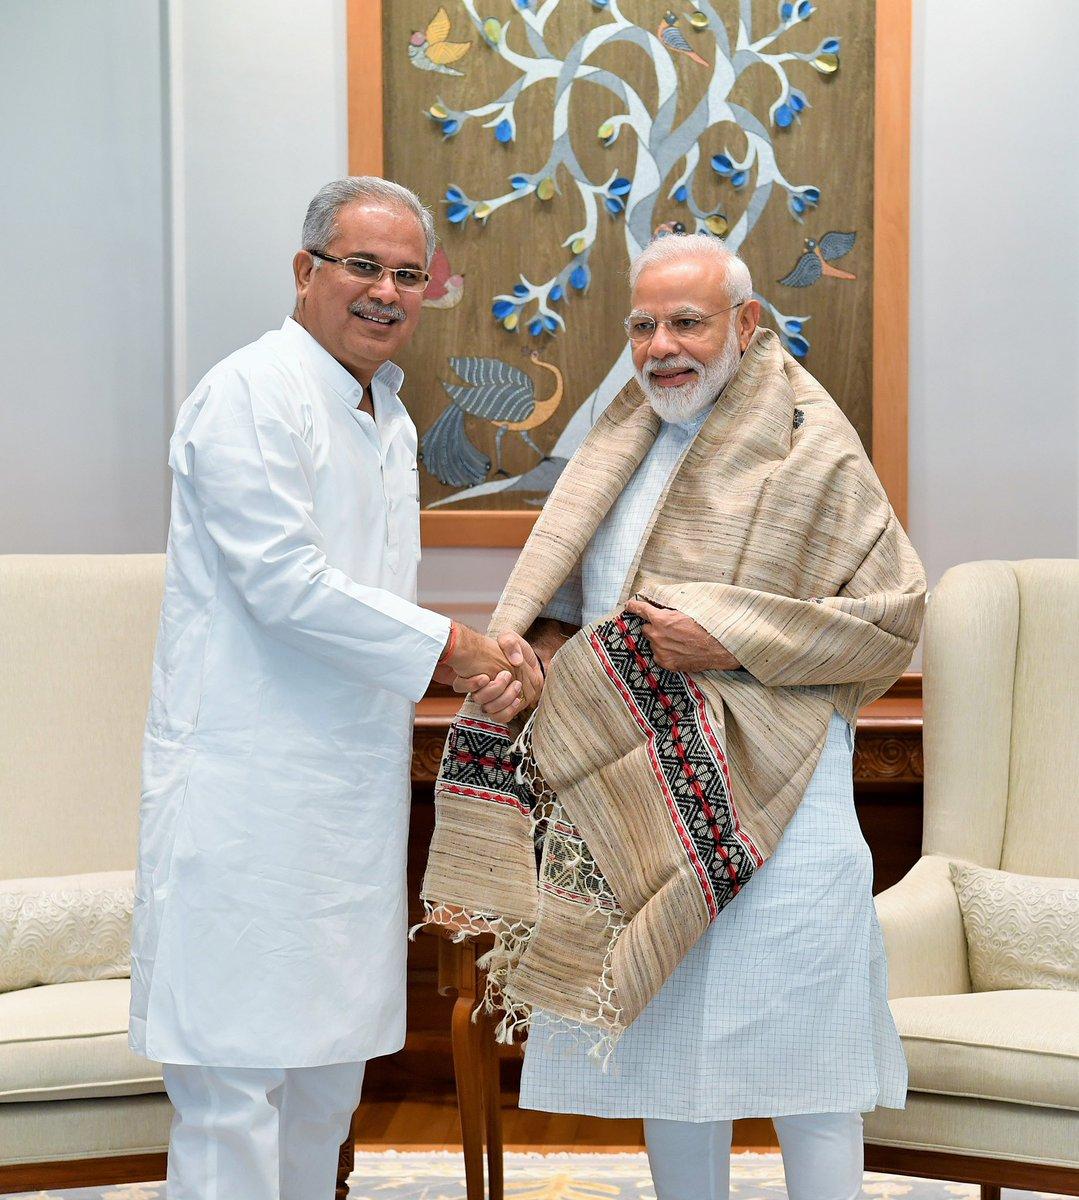 Shri @bhupeshbaghel, the Chief Minister of Chhattisgarh met PM @narendramodi. @ChhattisgarhCMO https://t.co/dxUKLWrI5v